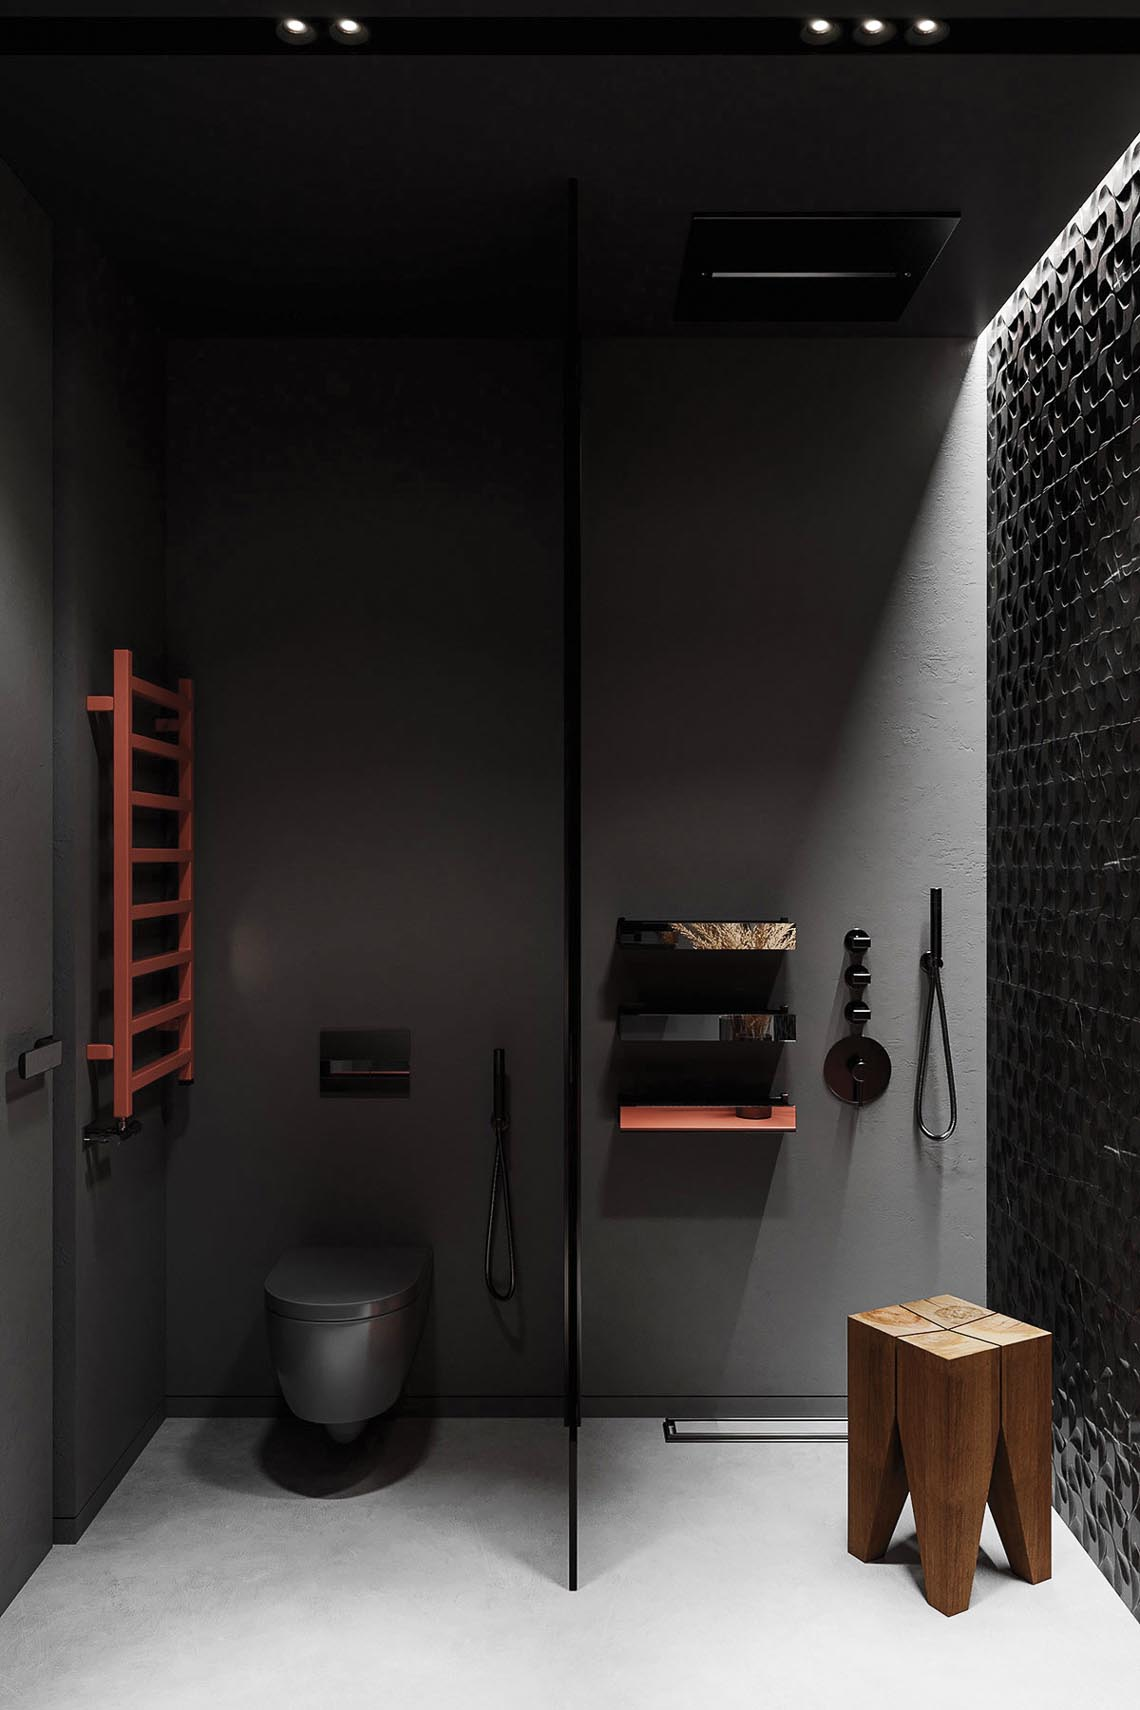 Thiết kế nội thất hiện đại với tông màu đỏ và xám theo phong cách Nhật Bản-39